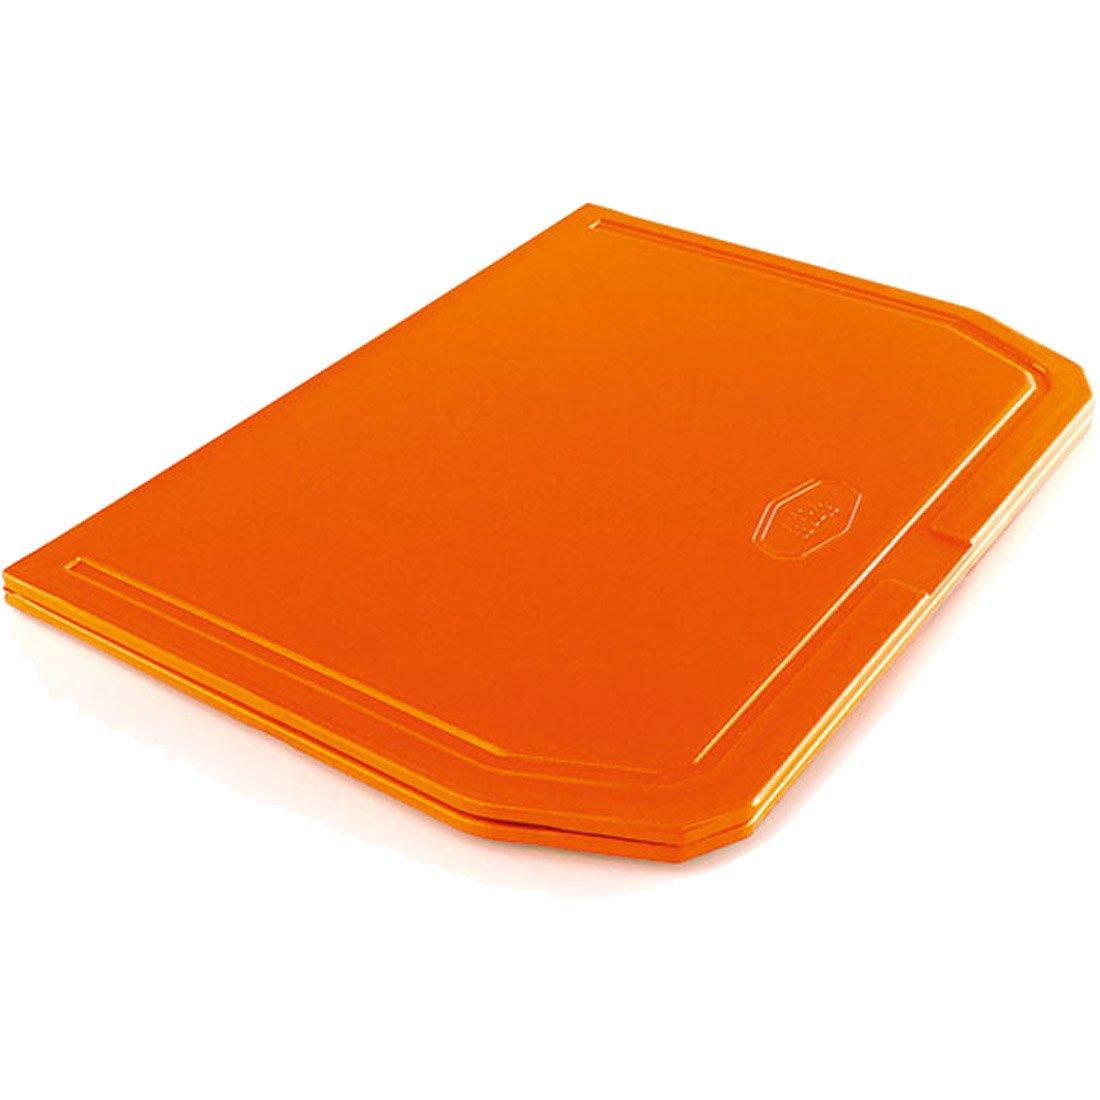 קרש חיתוך מתקפל - Folding Cutting Board - GSI